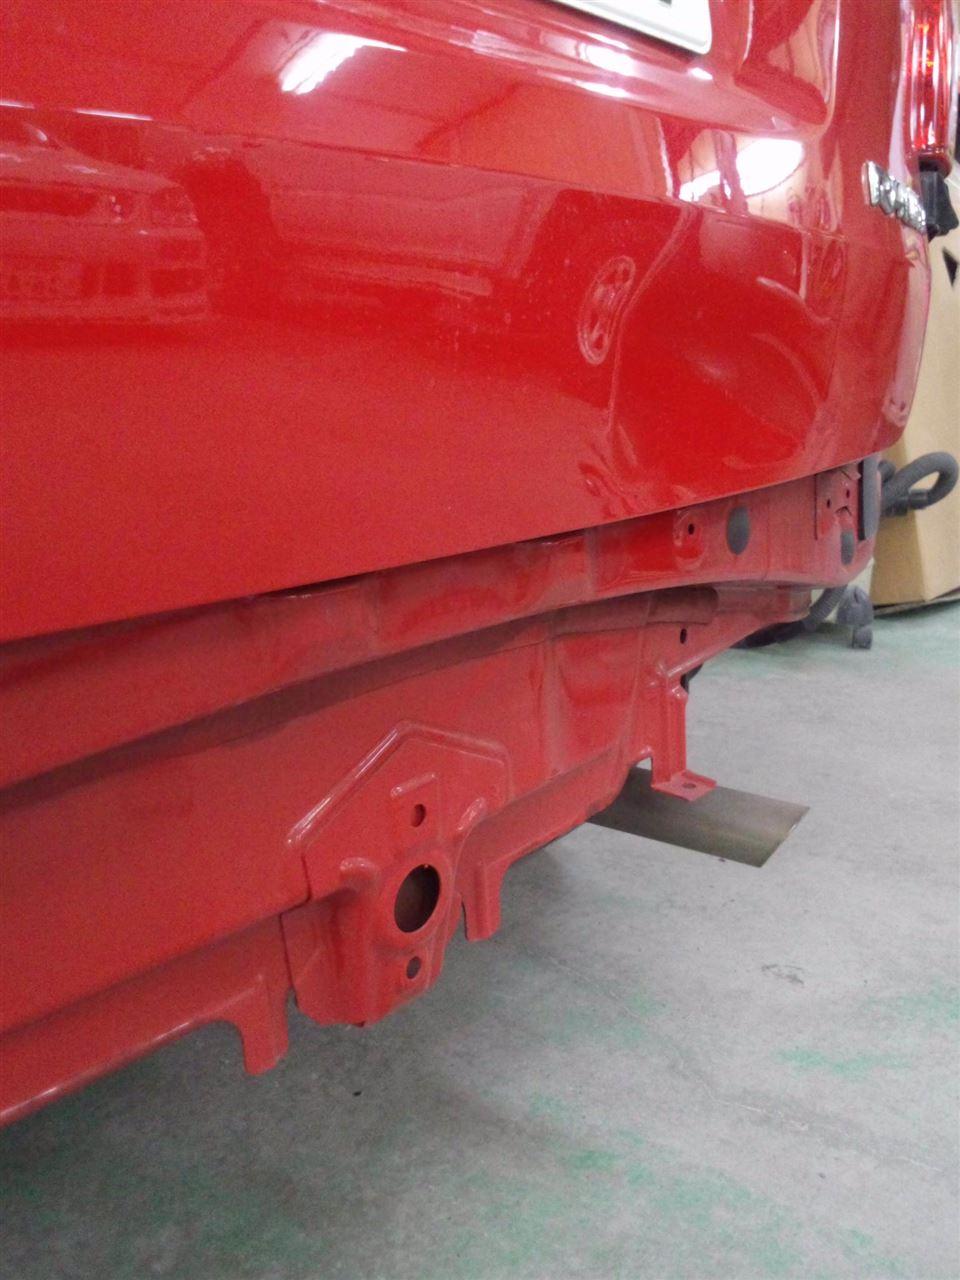 東京都立川市の車の板金塗装修理工場 ガレージローライドのトヨタ ラウムのリヤ回り、 前まわりのキズ へこみ の板金 修理 塗装 です。